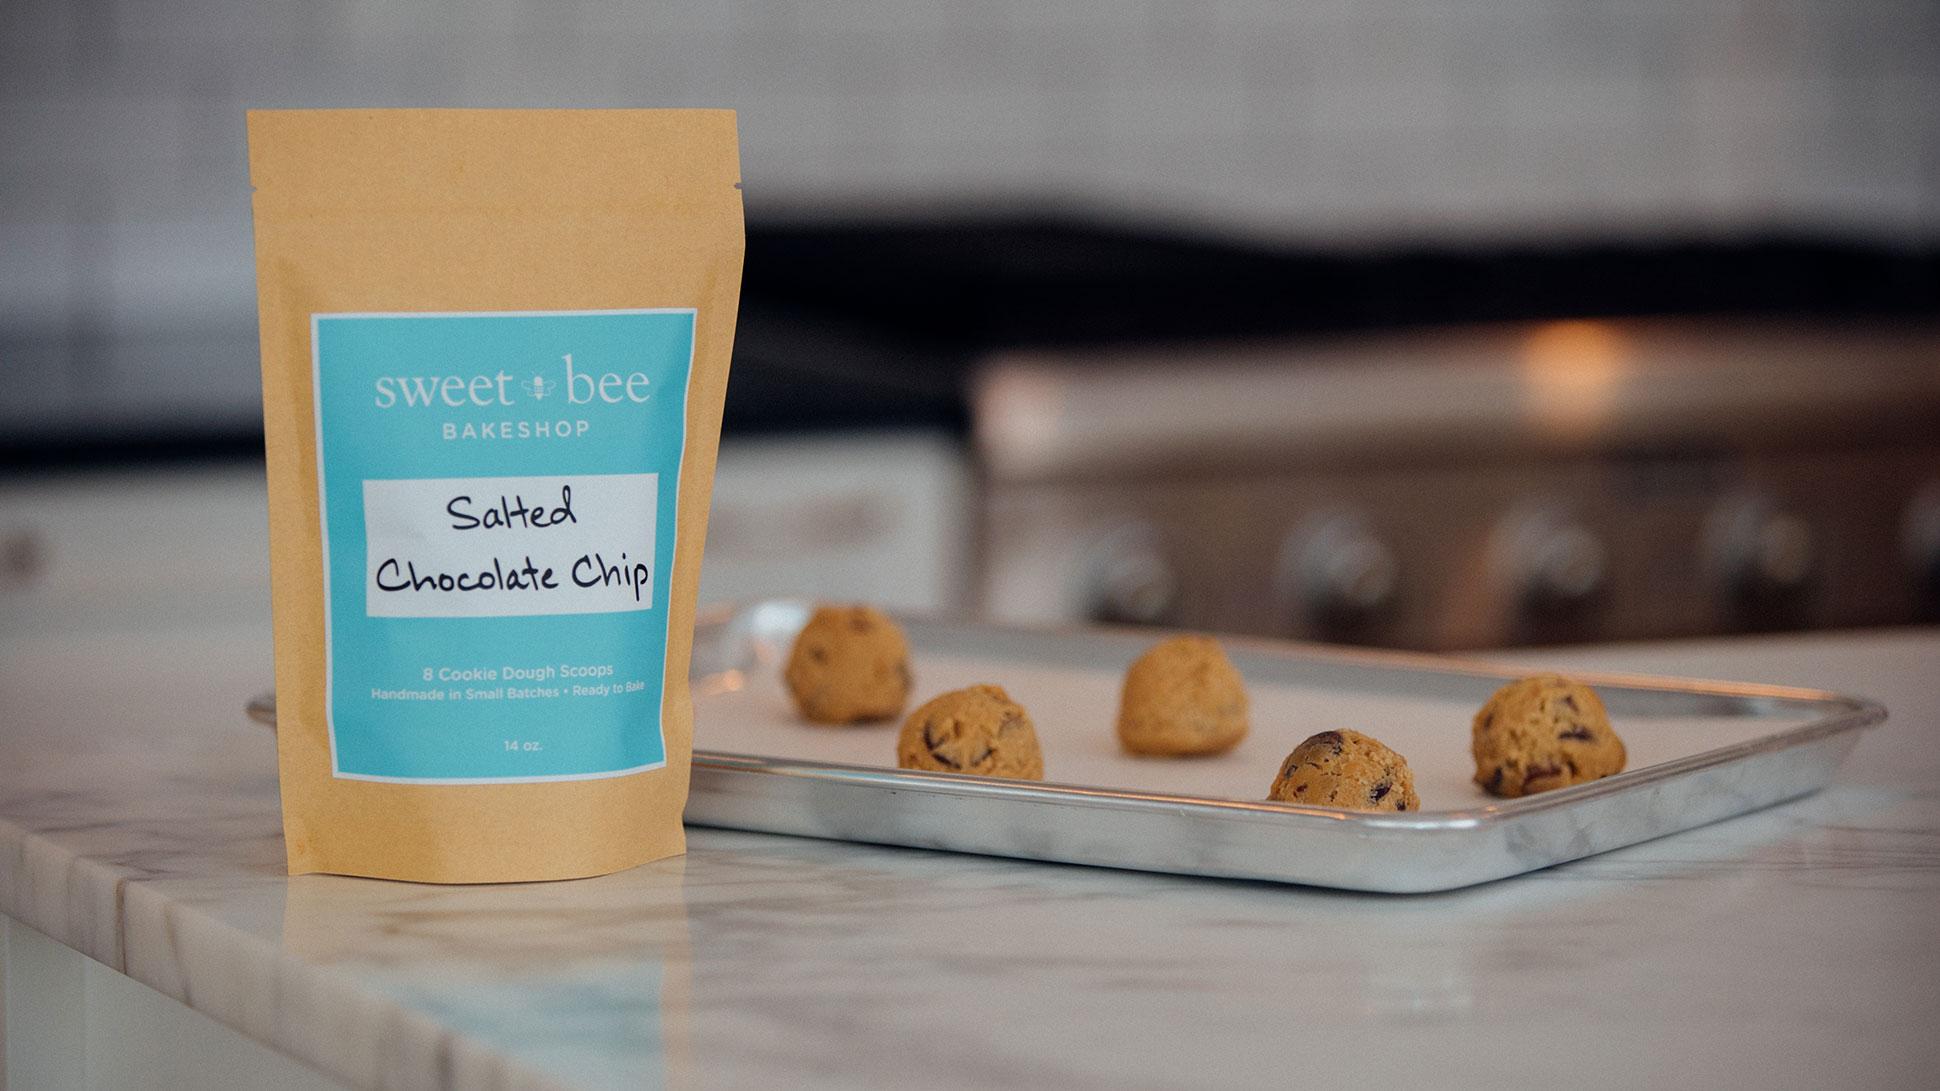 Bag of Sweet Bee Bakeshop Salted Chocolate Chip Flavor Frozen Cookie Dough